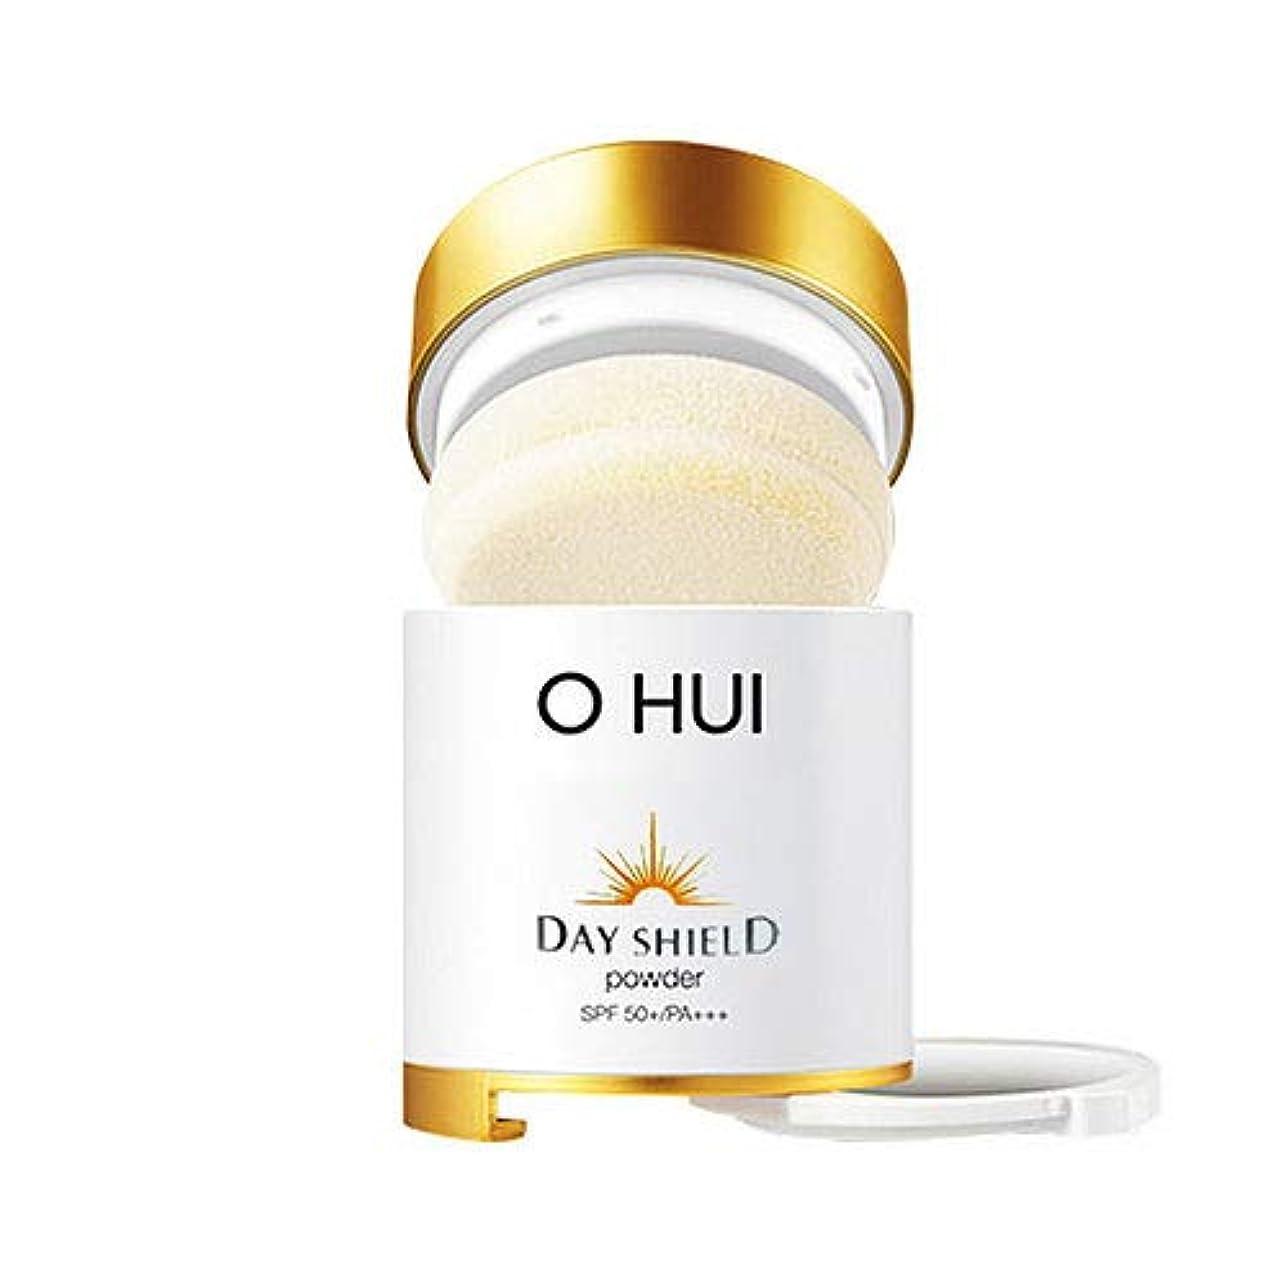 ピューを除くサロンオフィ デイシールドサンパウダー 20g OHUI Day Shield Sun Powder (# beige) [並行輸入品]